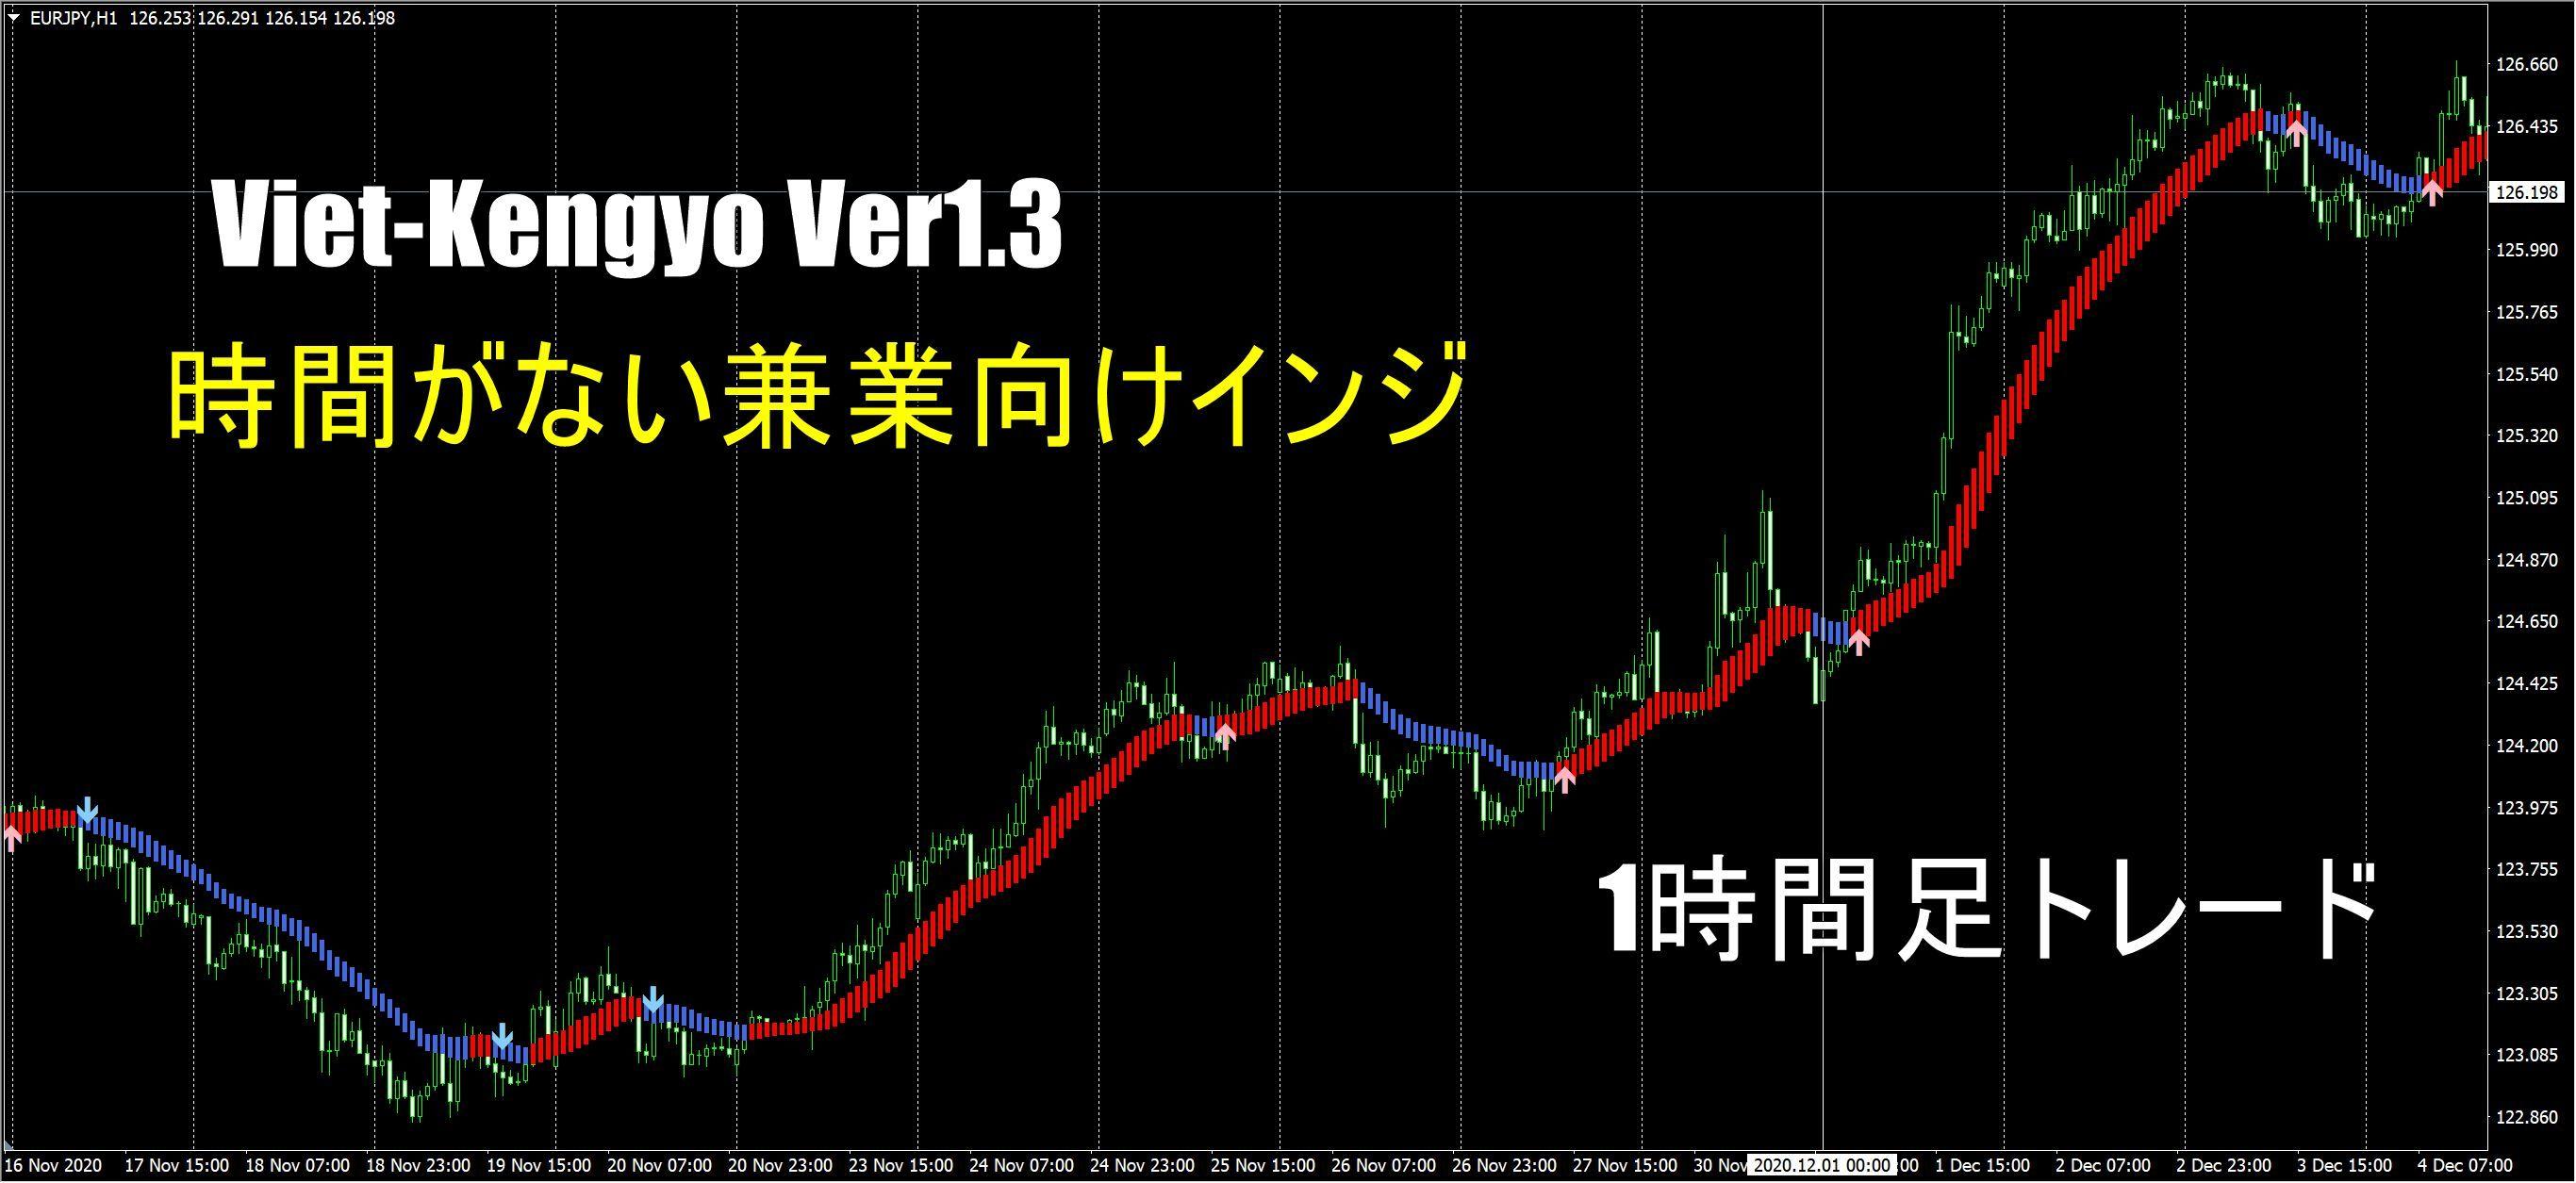 【月間200pips兼業者向けインジ】Viet-kengyo Ver1.3